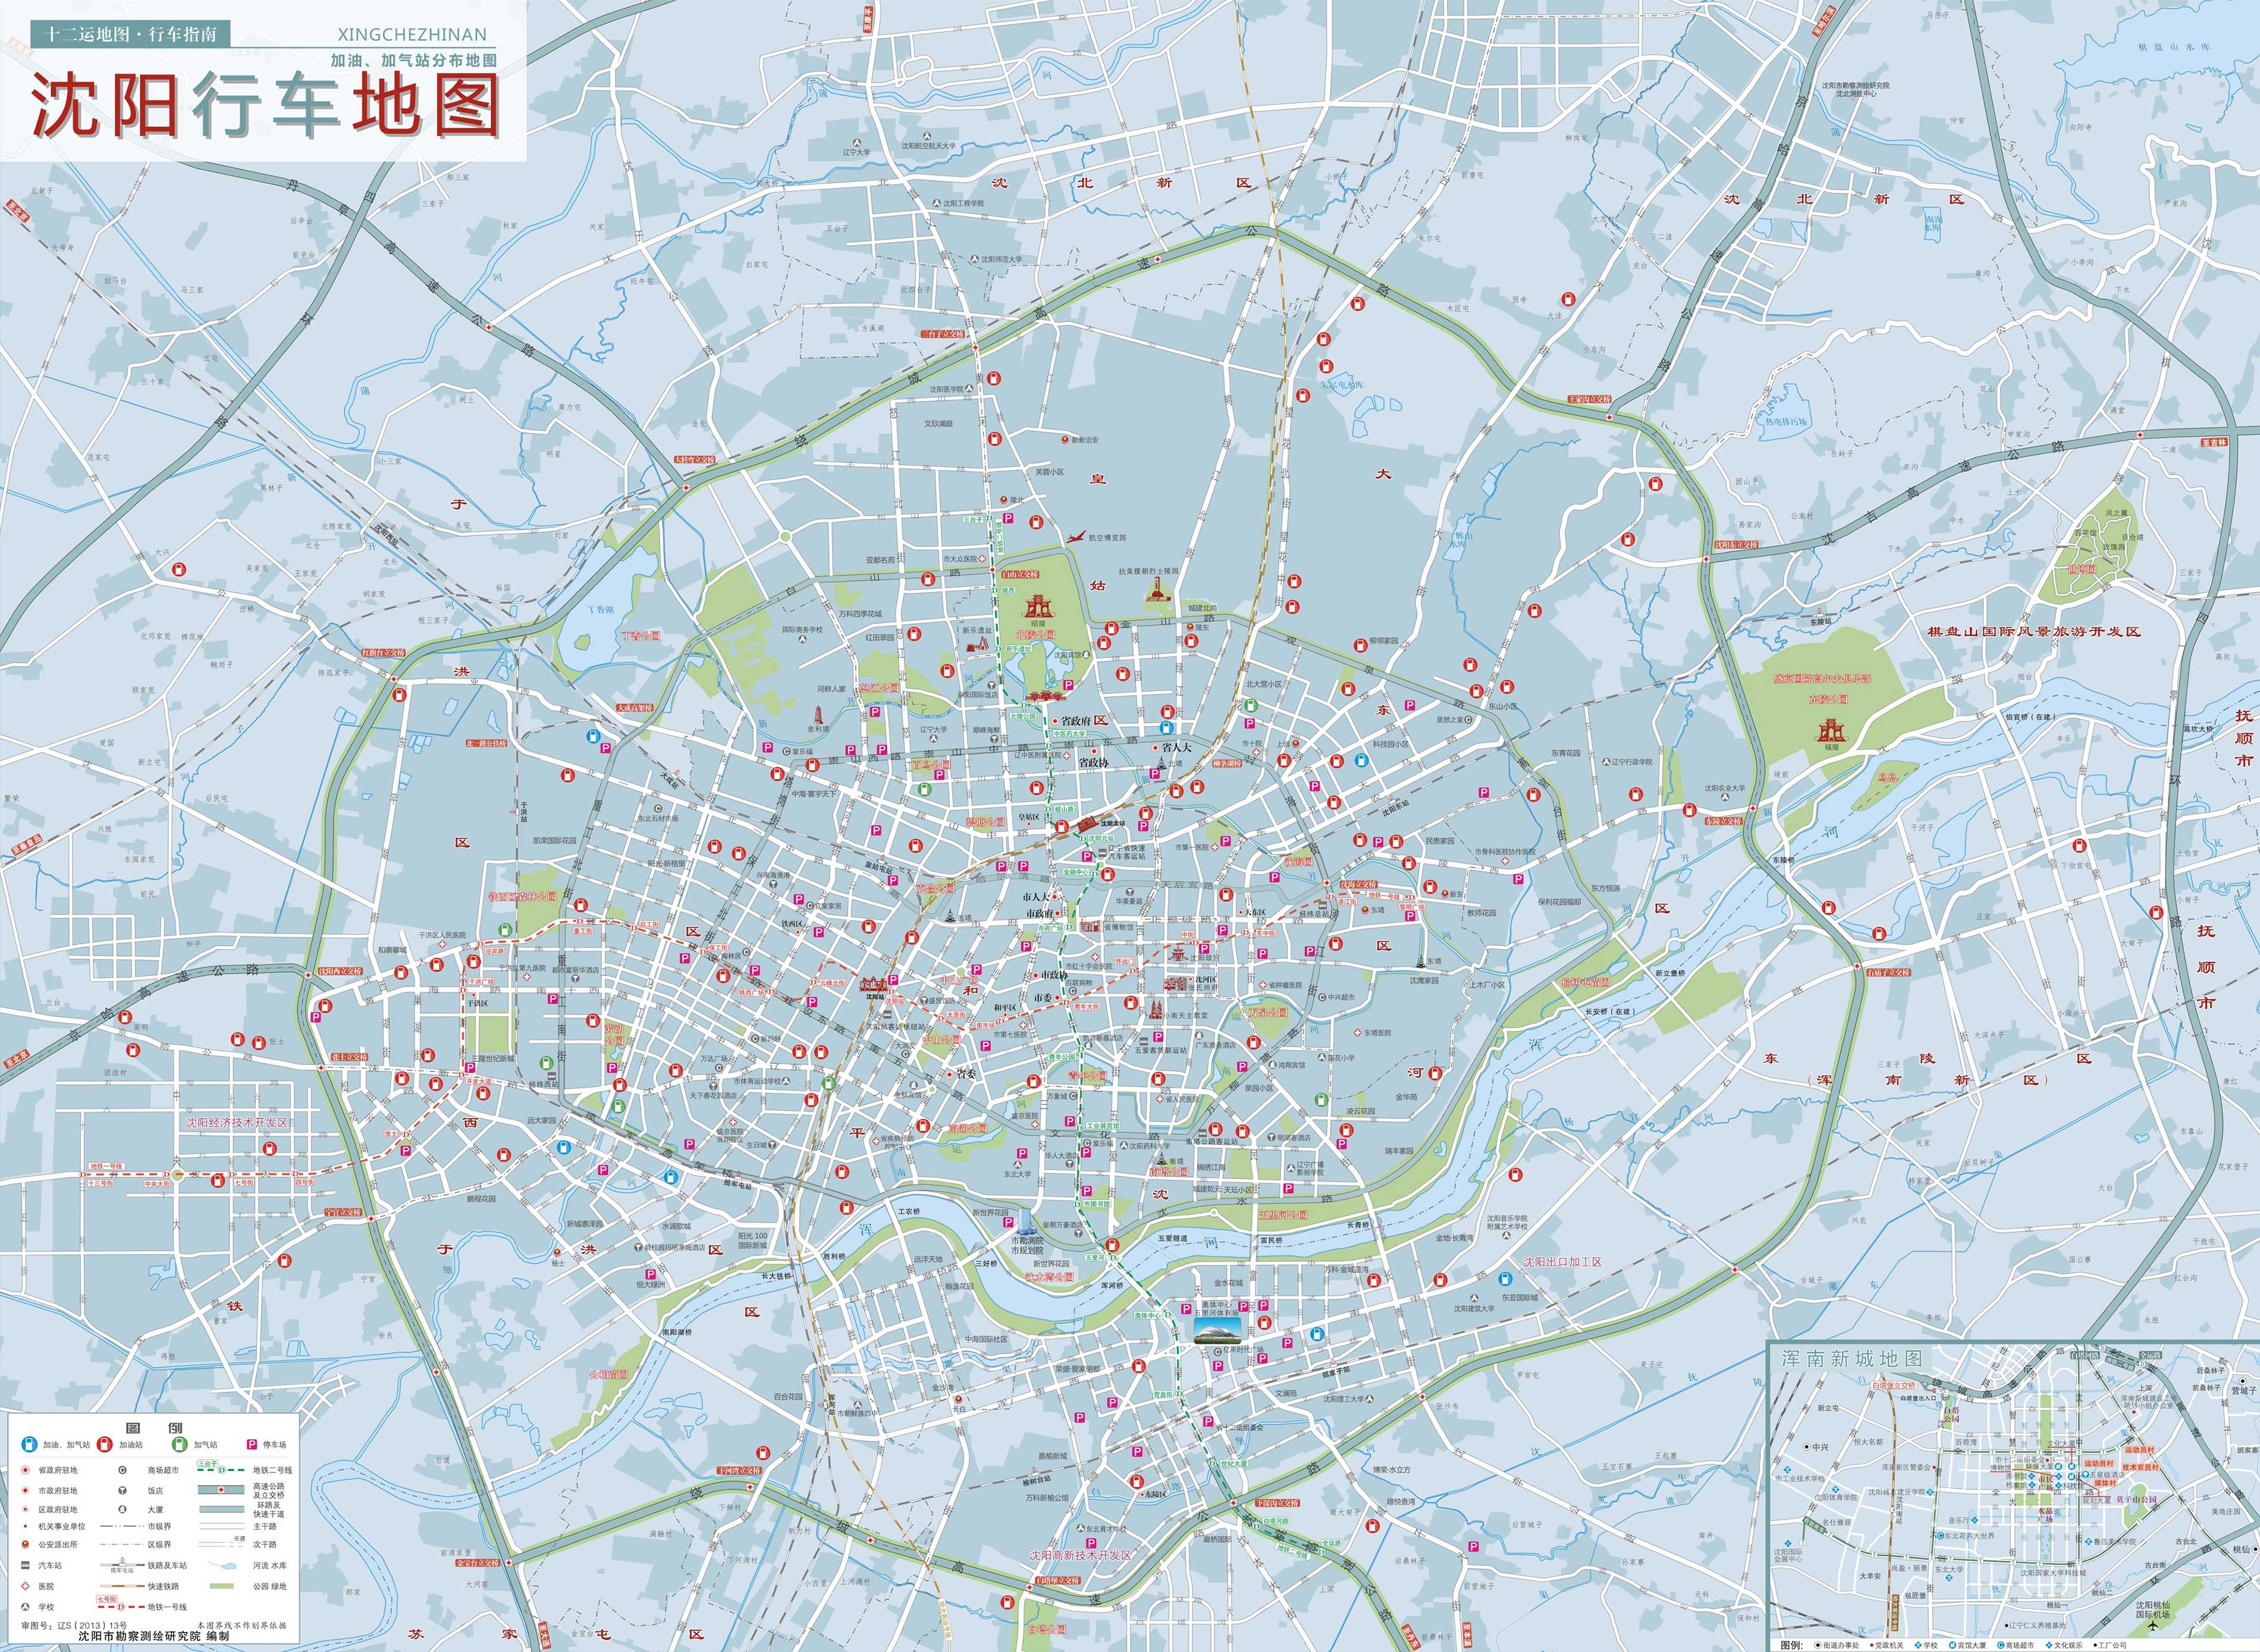 沈阳行车地图